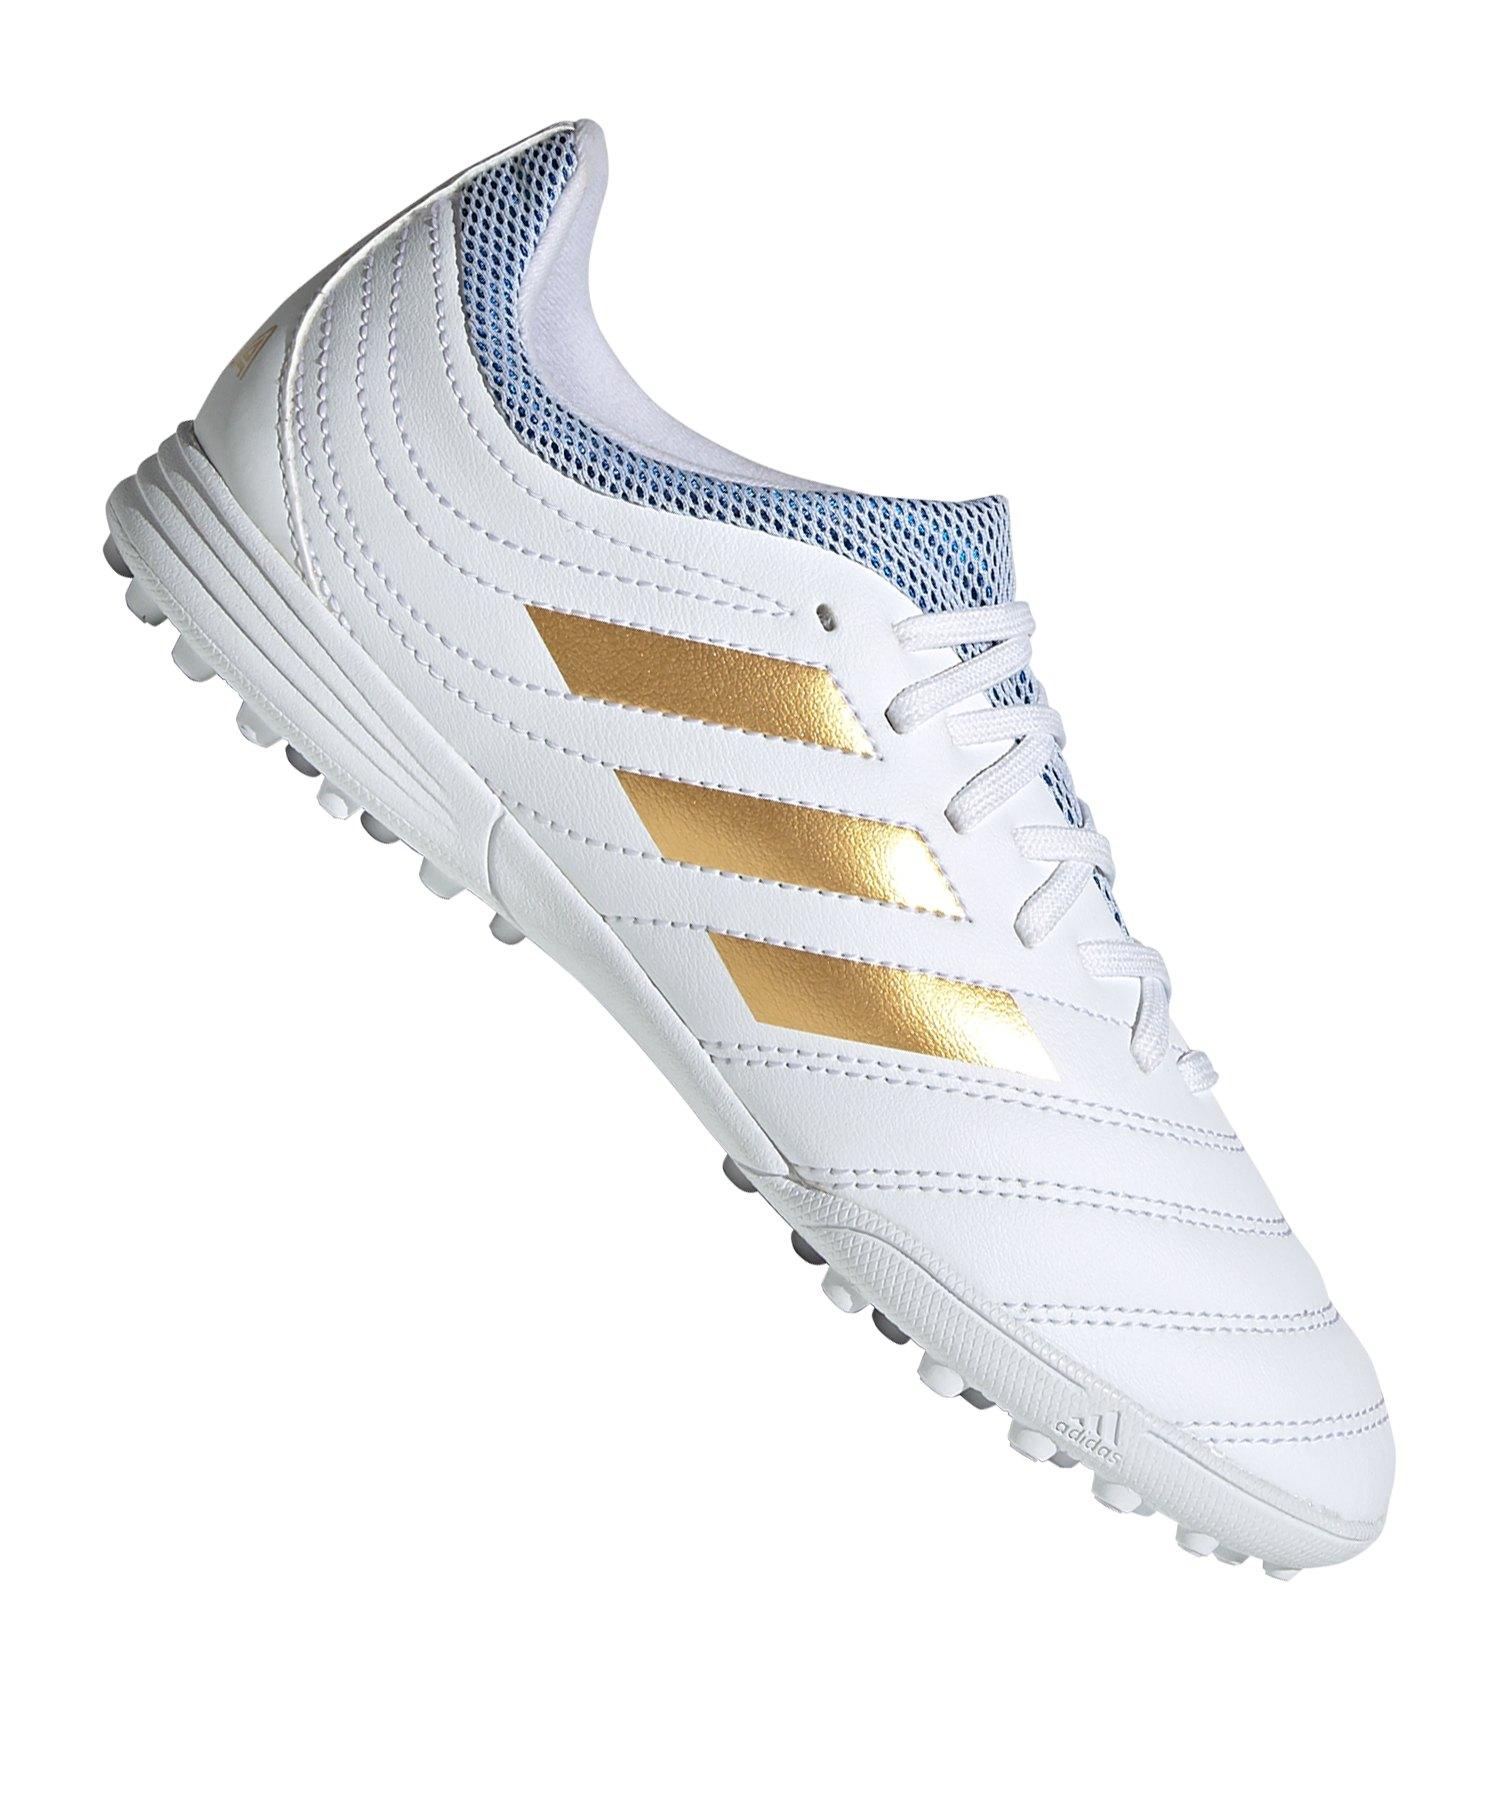 adidas COPA 19.3 TF J Kids Weiss Gold - weiss